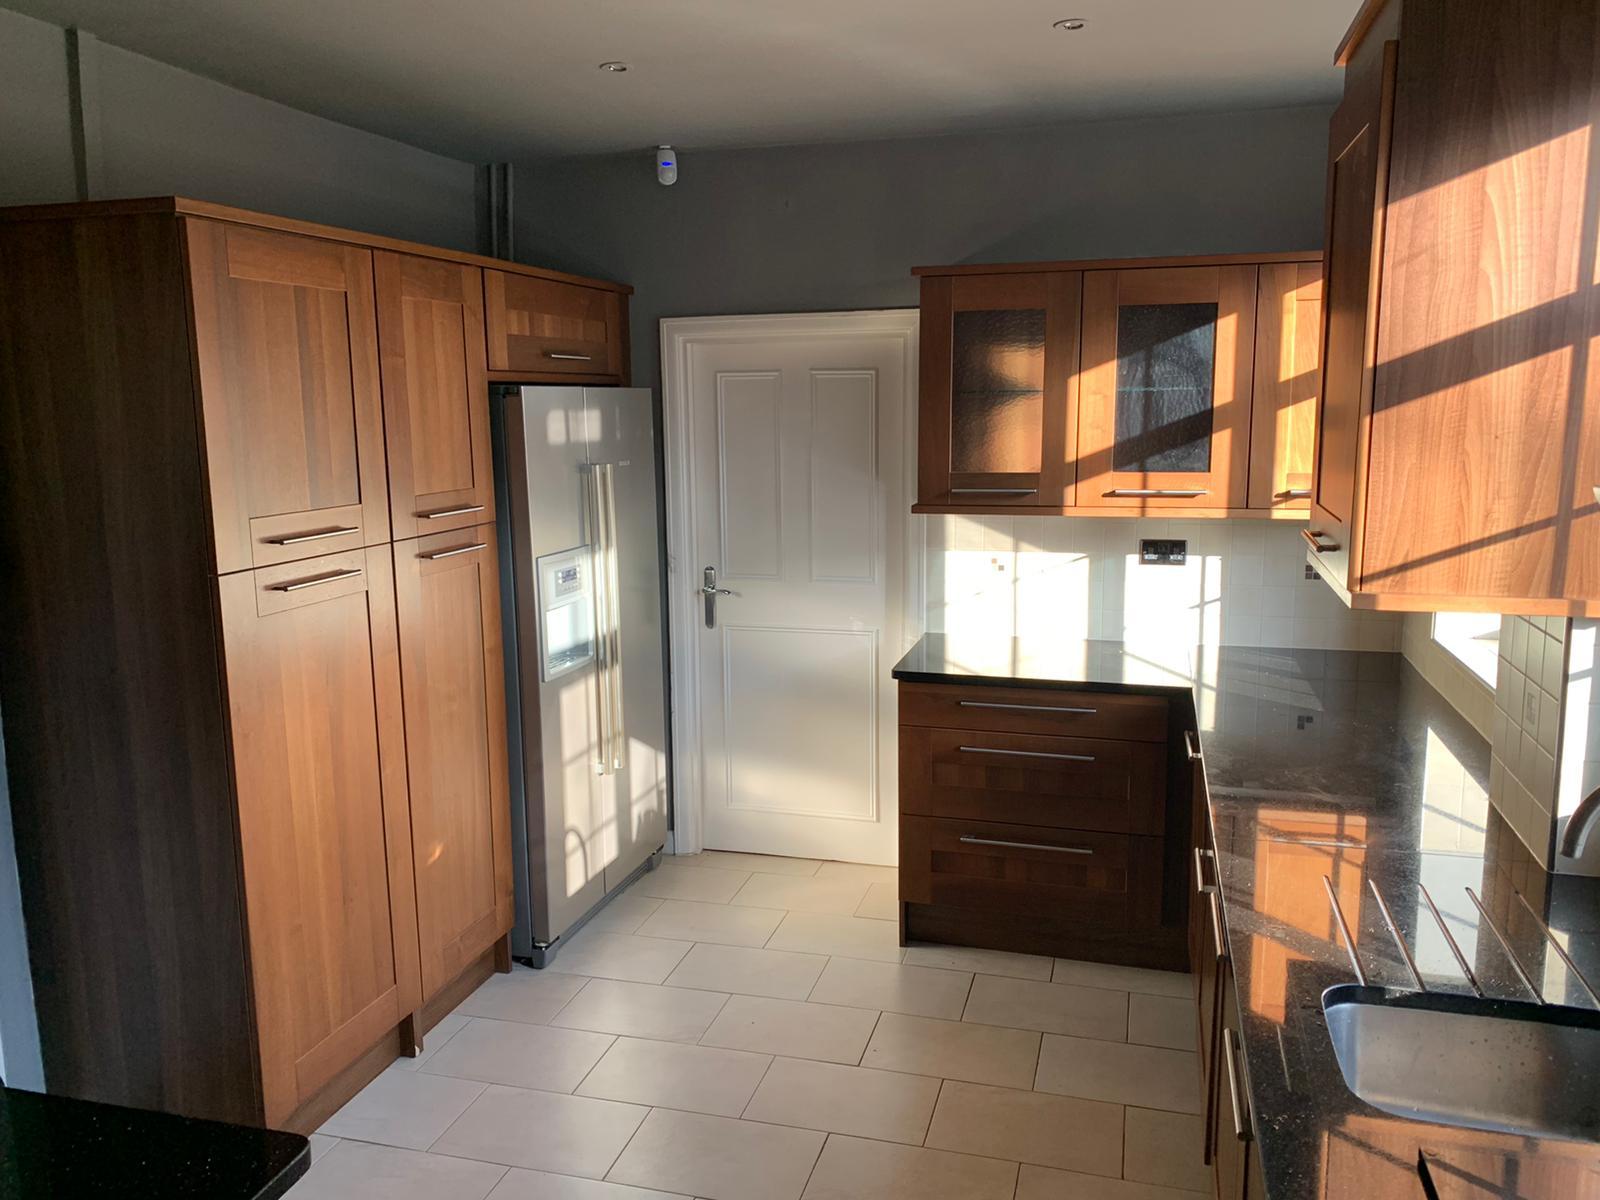 Respray cupboards and doors